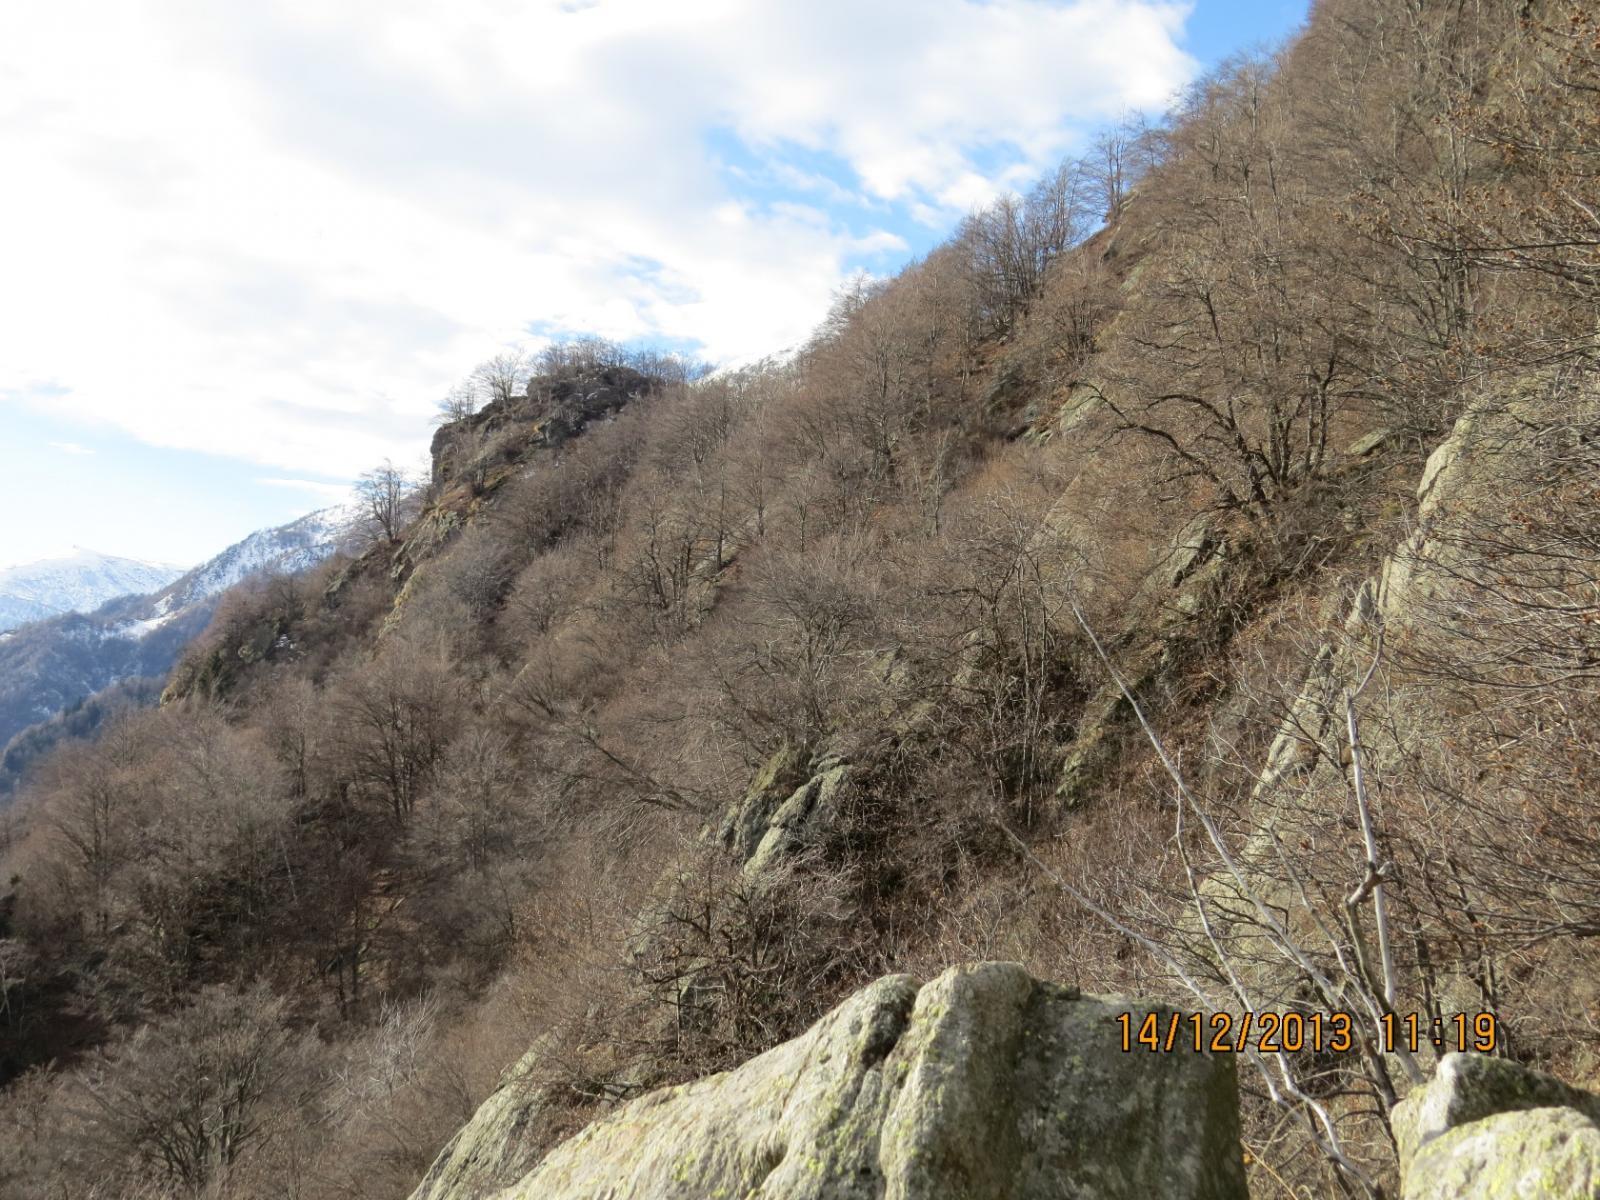 La propaggine estesa verso il centro valle, del Monte Betassa